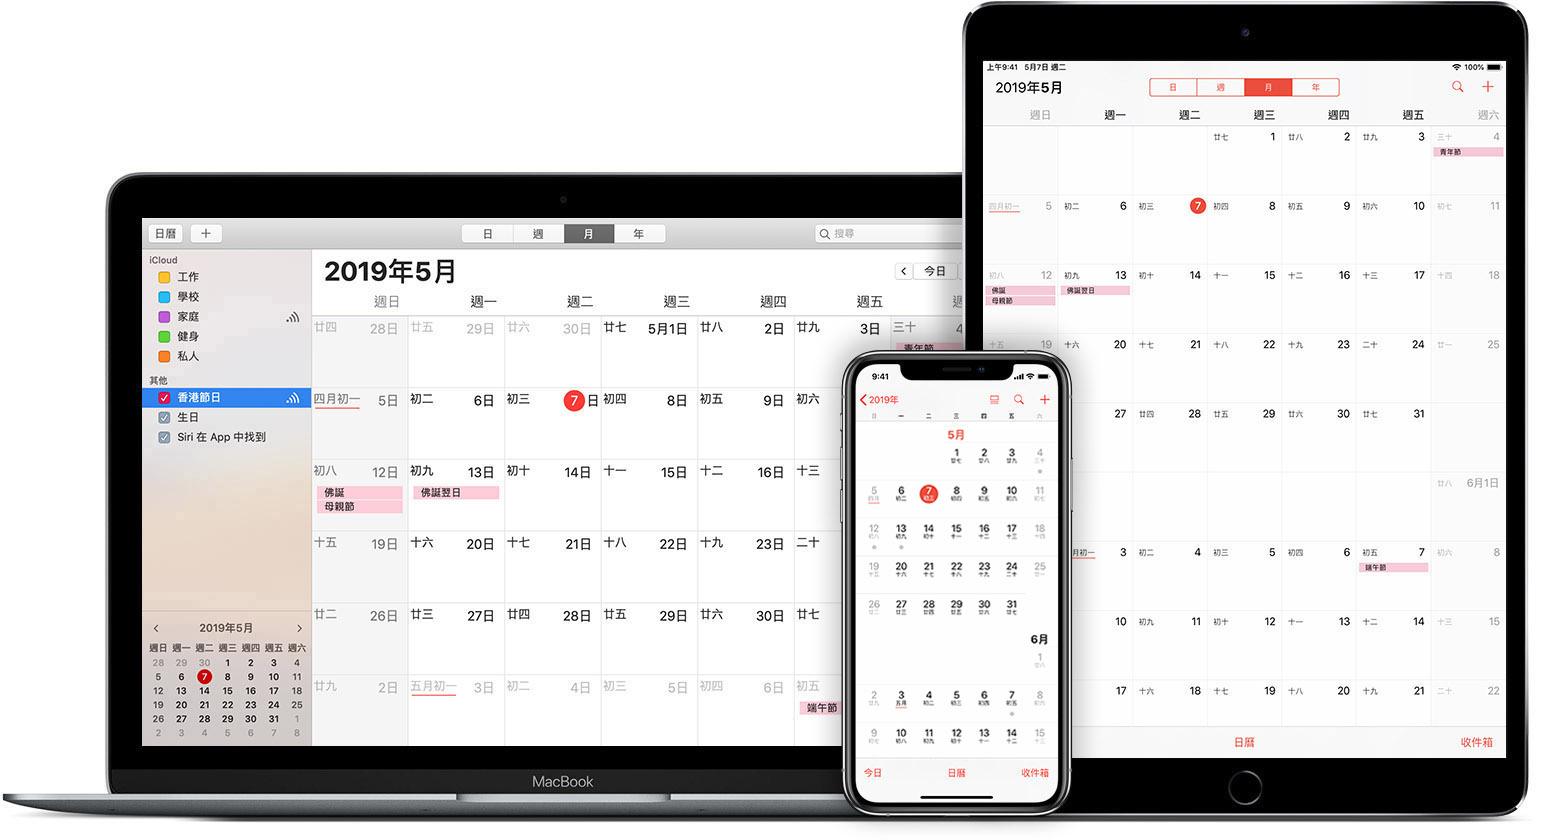 使用 iCloud 日曆訂閱功能 - Apple 支援